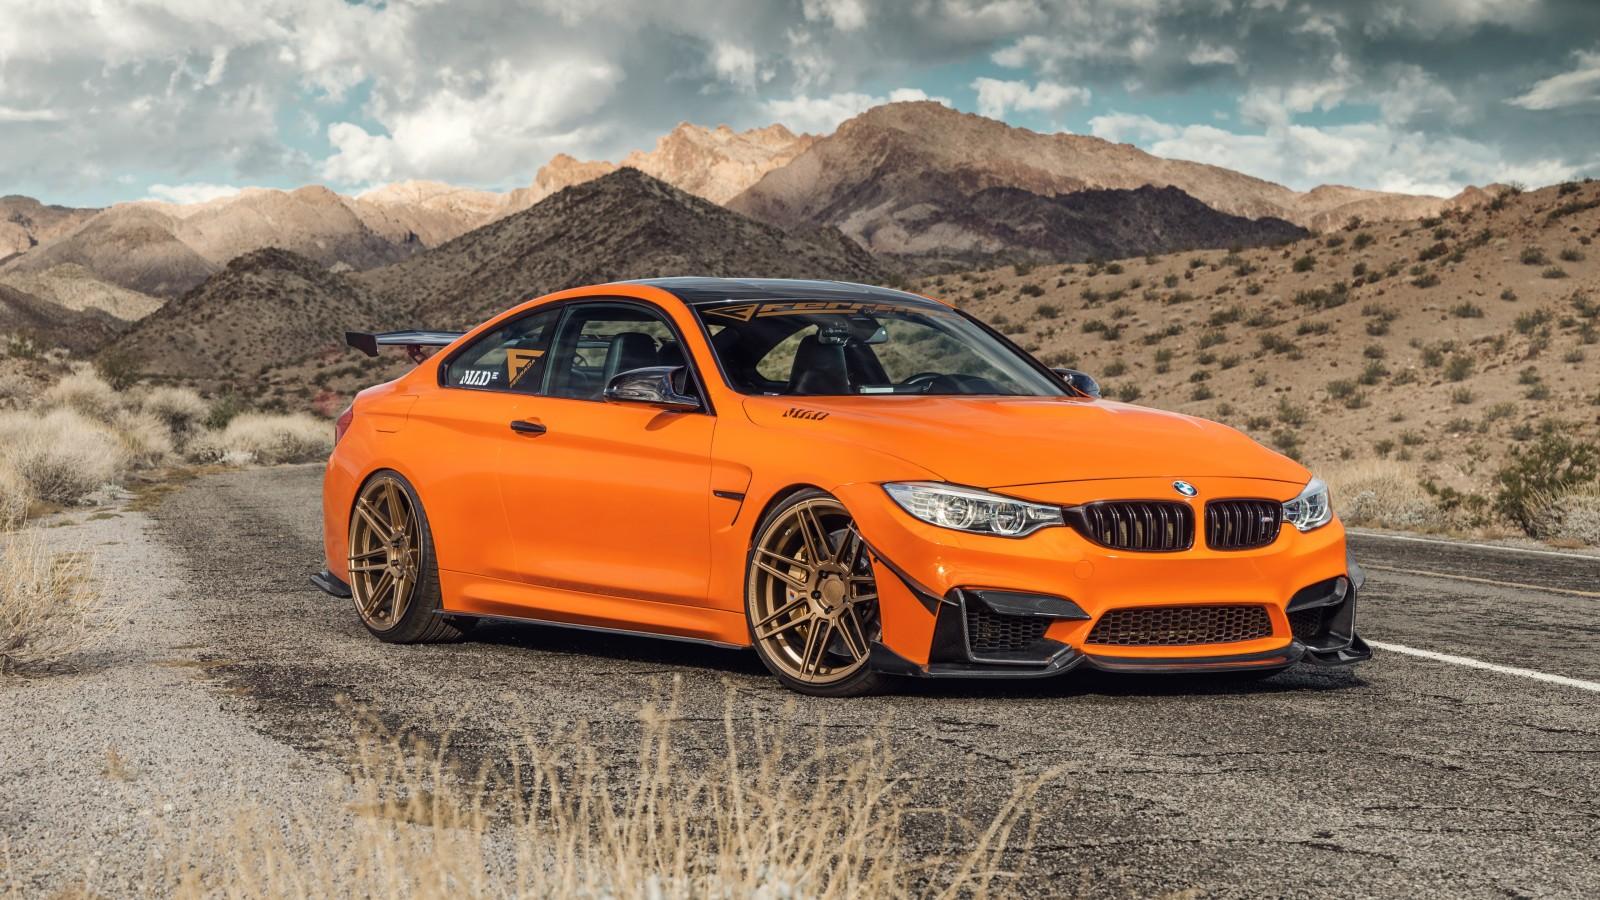 Ferrada Sema Orange BMW M4 5K Wallpaper | HD Car ...